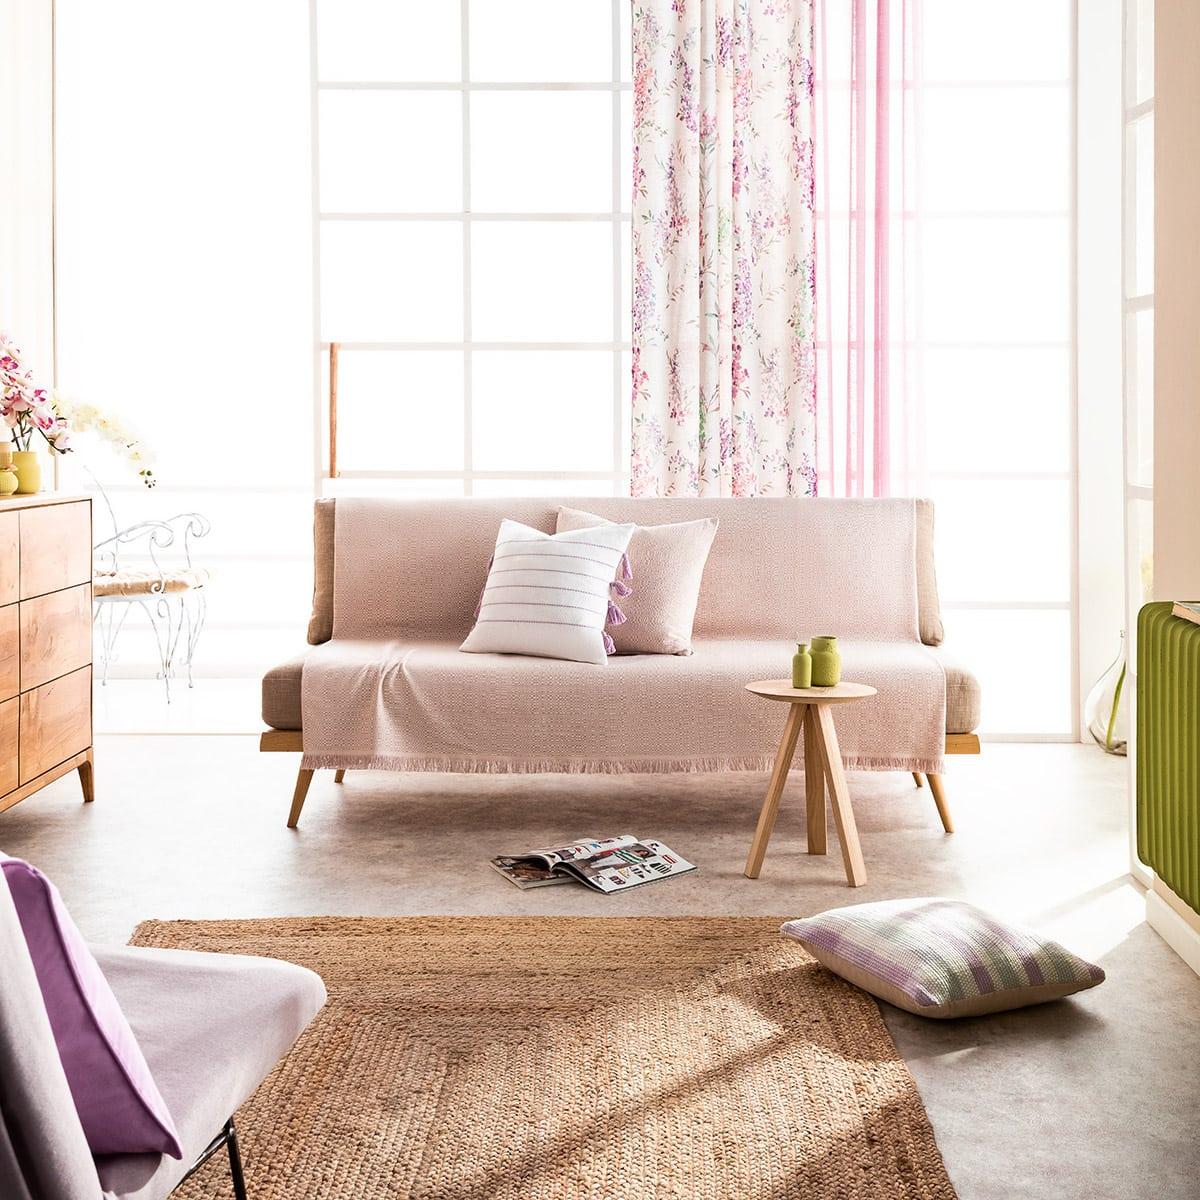 Ριχτάρι Liberta 841/20 Lila Gofis Home Πολυθρόνα 180x180cm